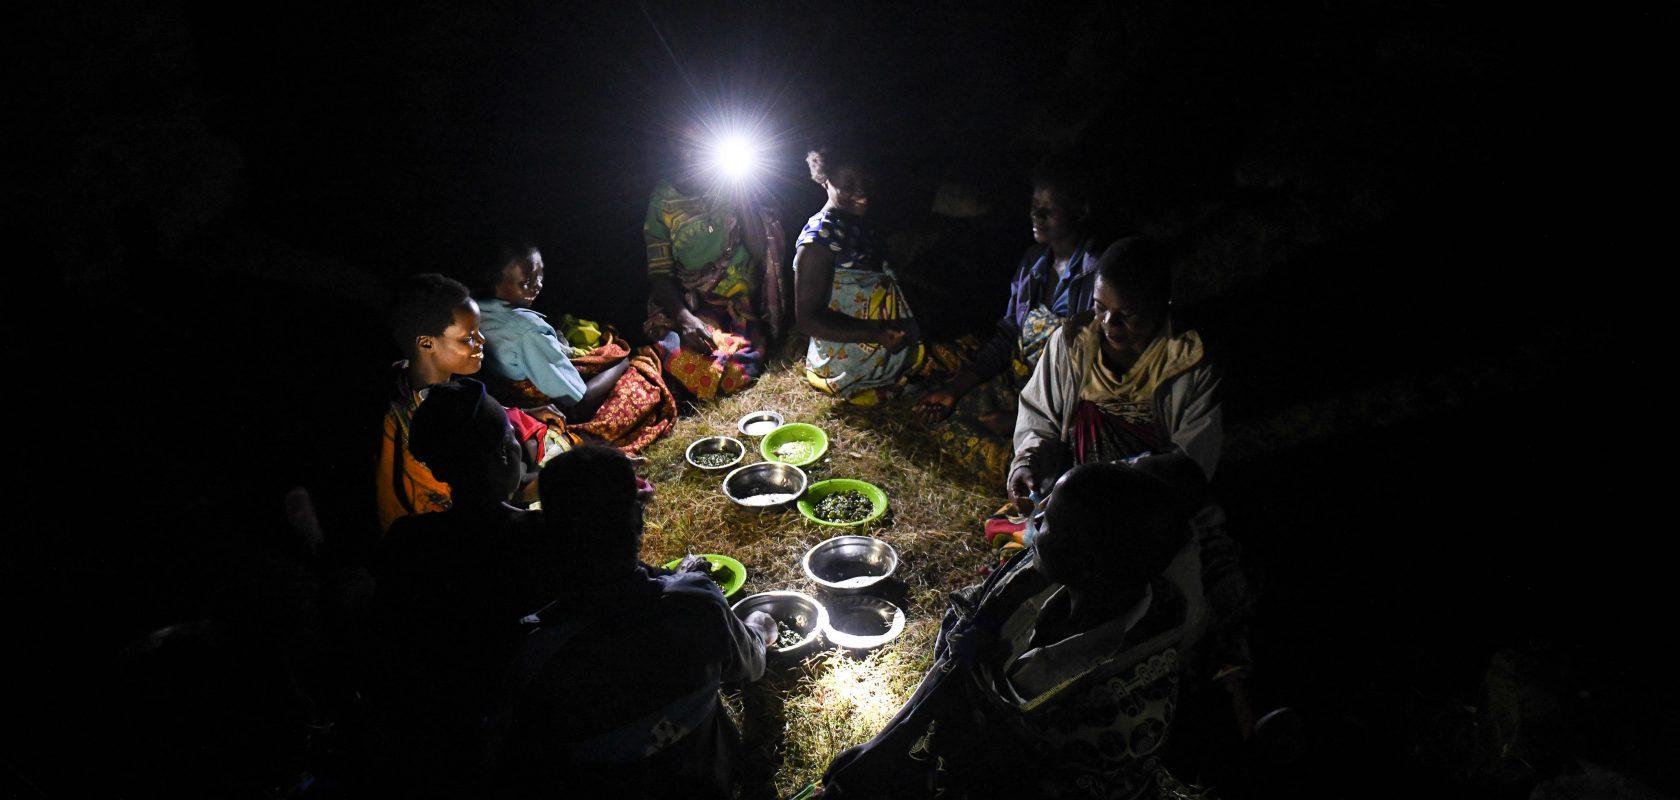 Eating dinner by solar light